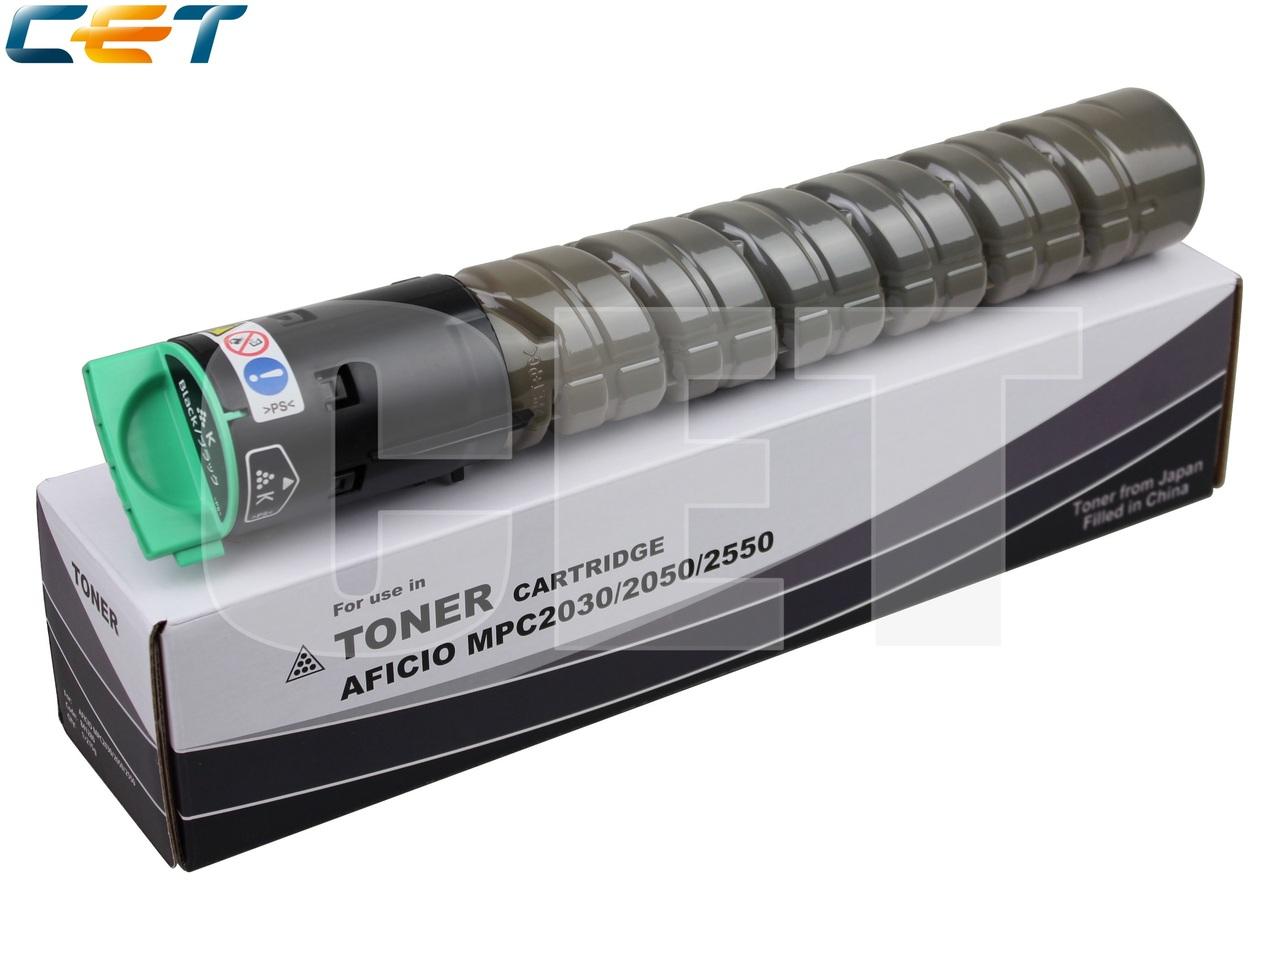 Тонер-картридж 841196, 841504 для RICOH AficioMPC2030/MPC2050/MPC2550/MPC2051/MPC2551 (CET) Black,215г, 10000 стр., CET6407